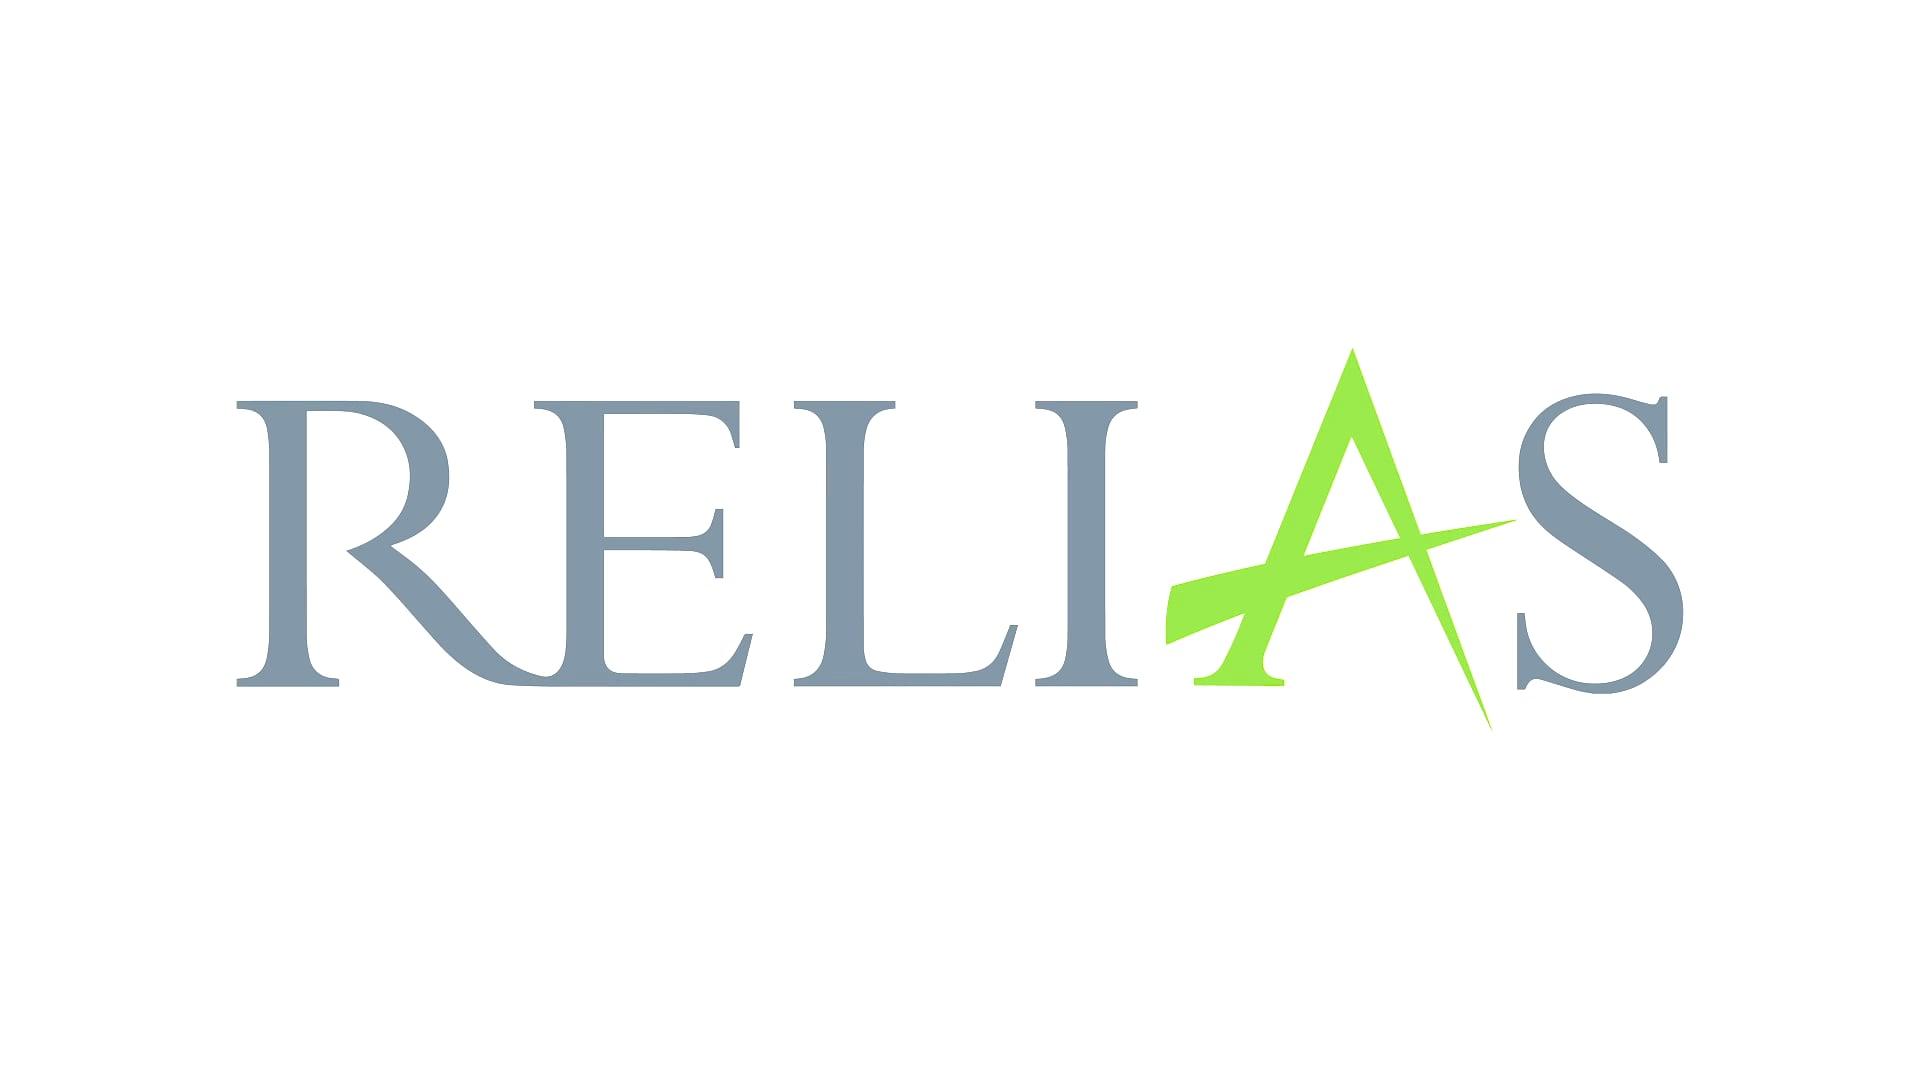 Relias, UK - 'Henry' VR Experience